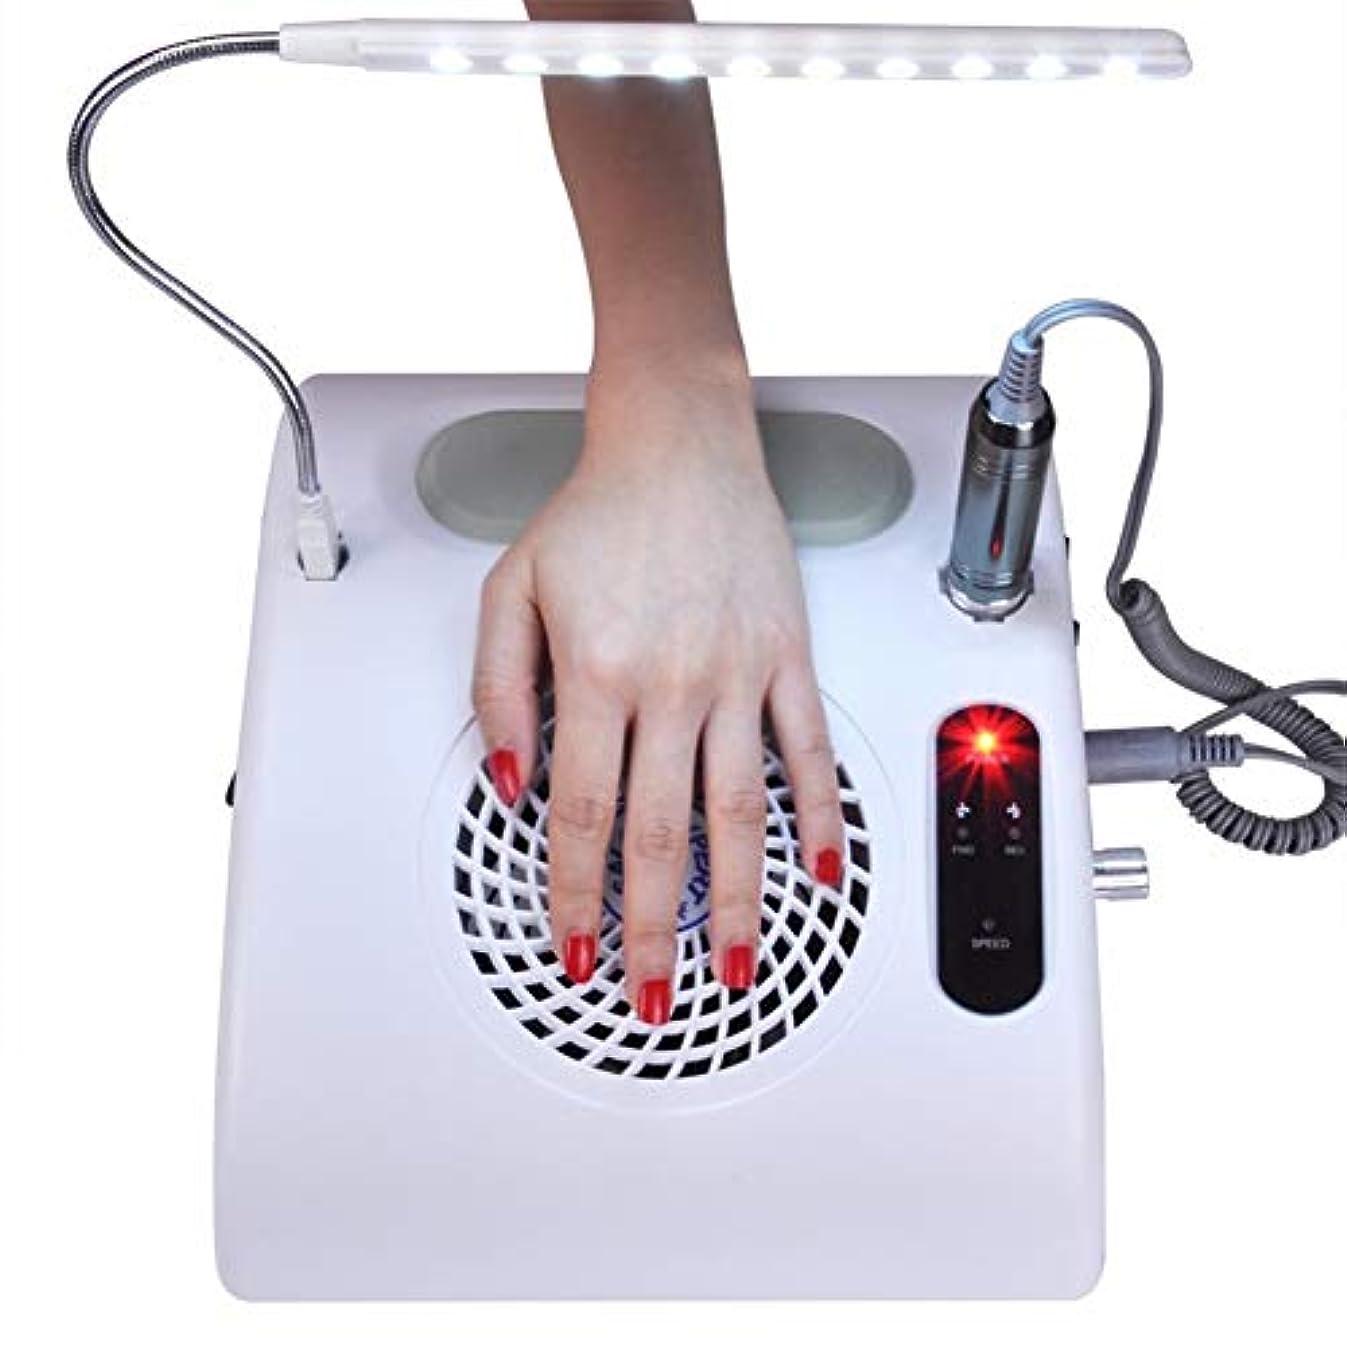 翻訳する楕円形置き場電気ネイルドリル30000RPM 45Wのマニキュア機械の塵の掃除機LEDは1つのネイルアート装置に付き3つをつけます